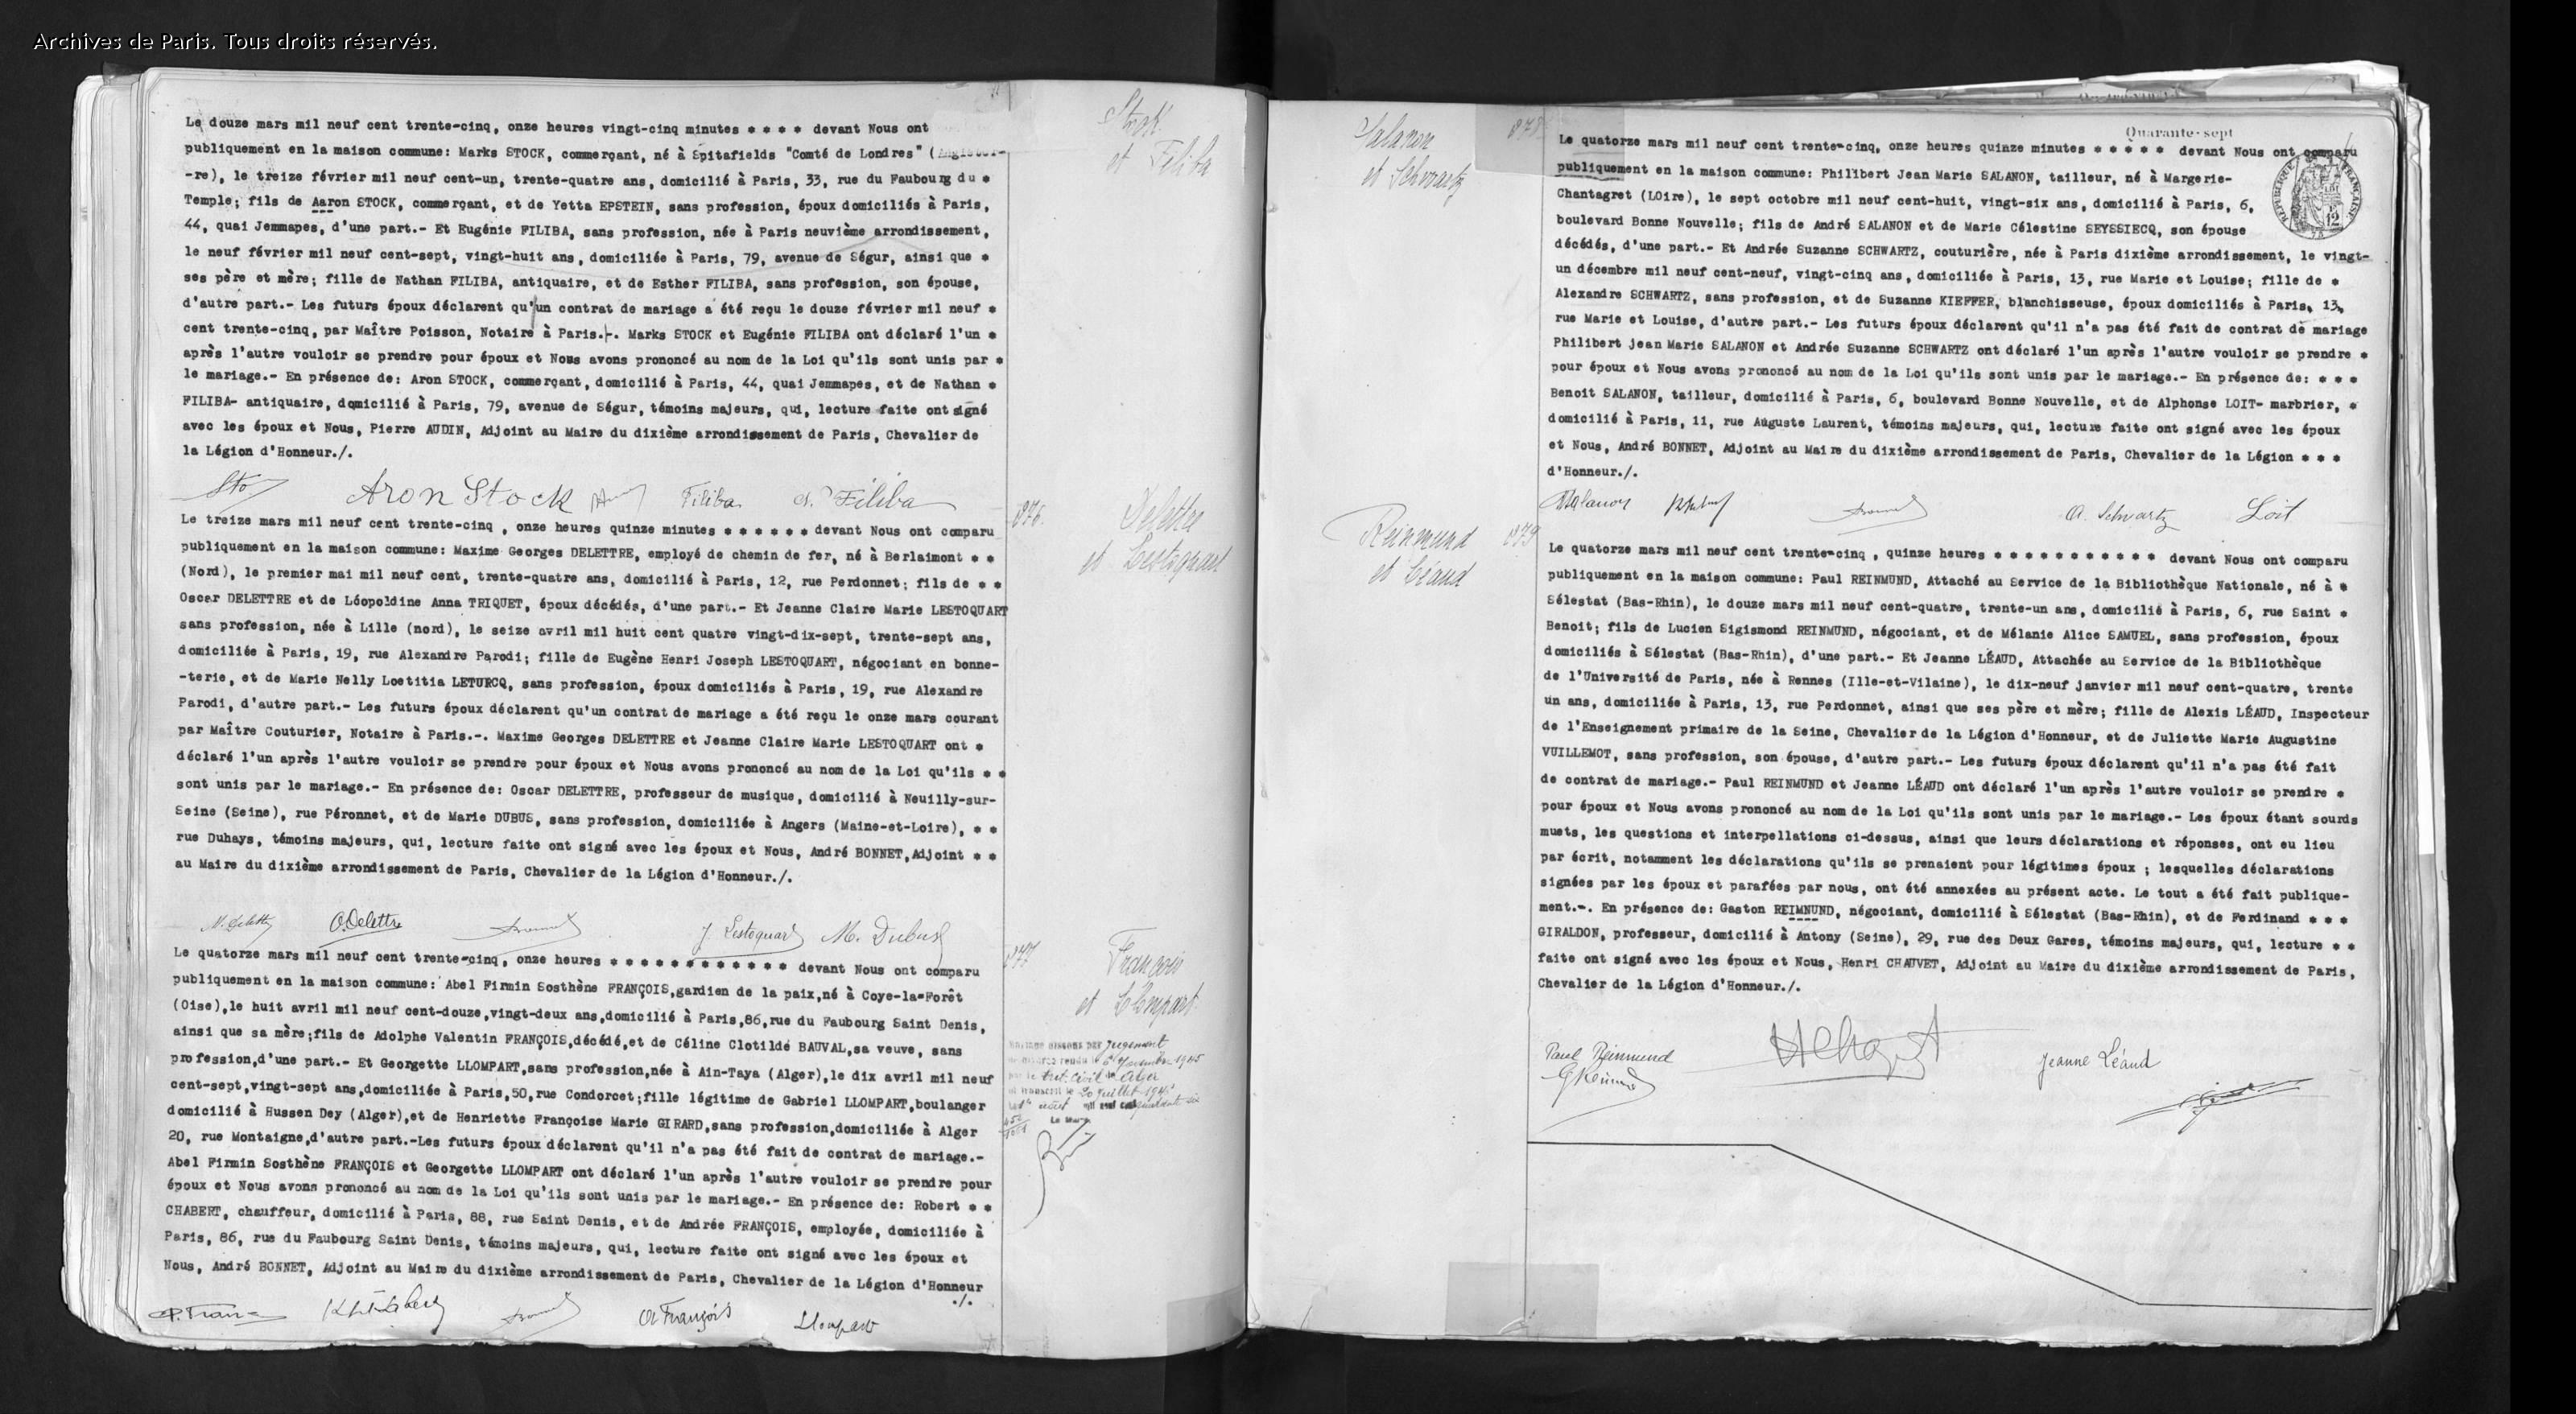 Acte de mariage d'Eugénie et Marks STOCK [Archives de Paris, en ligne]